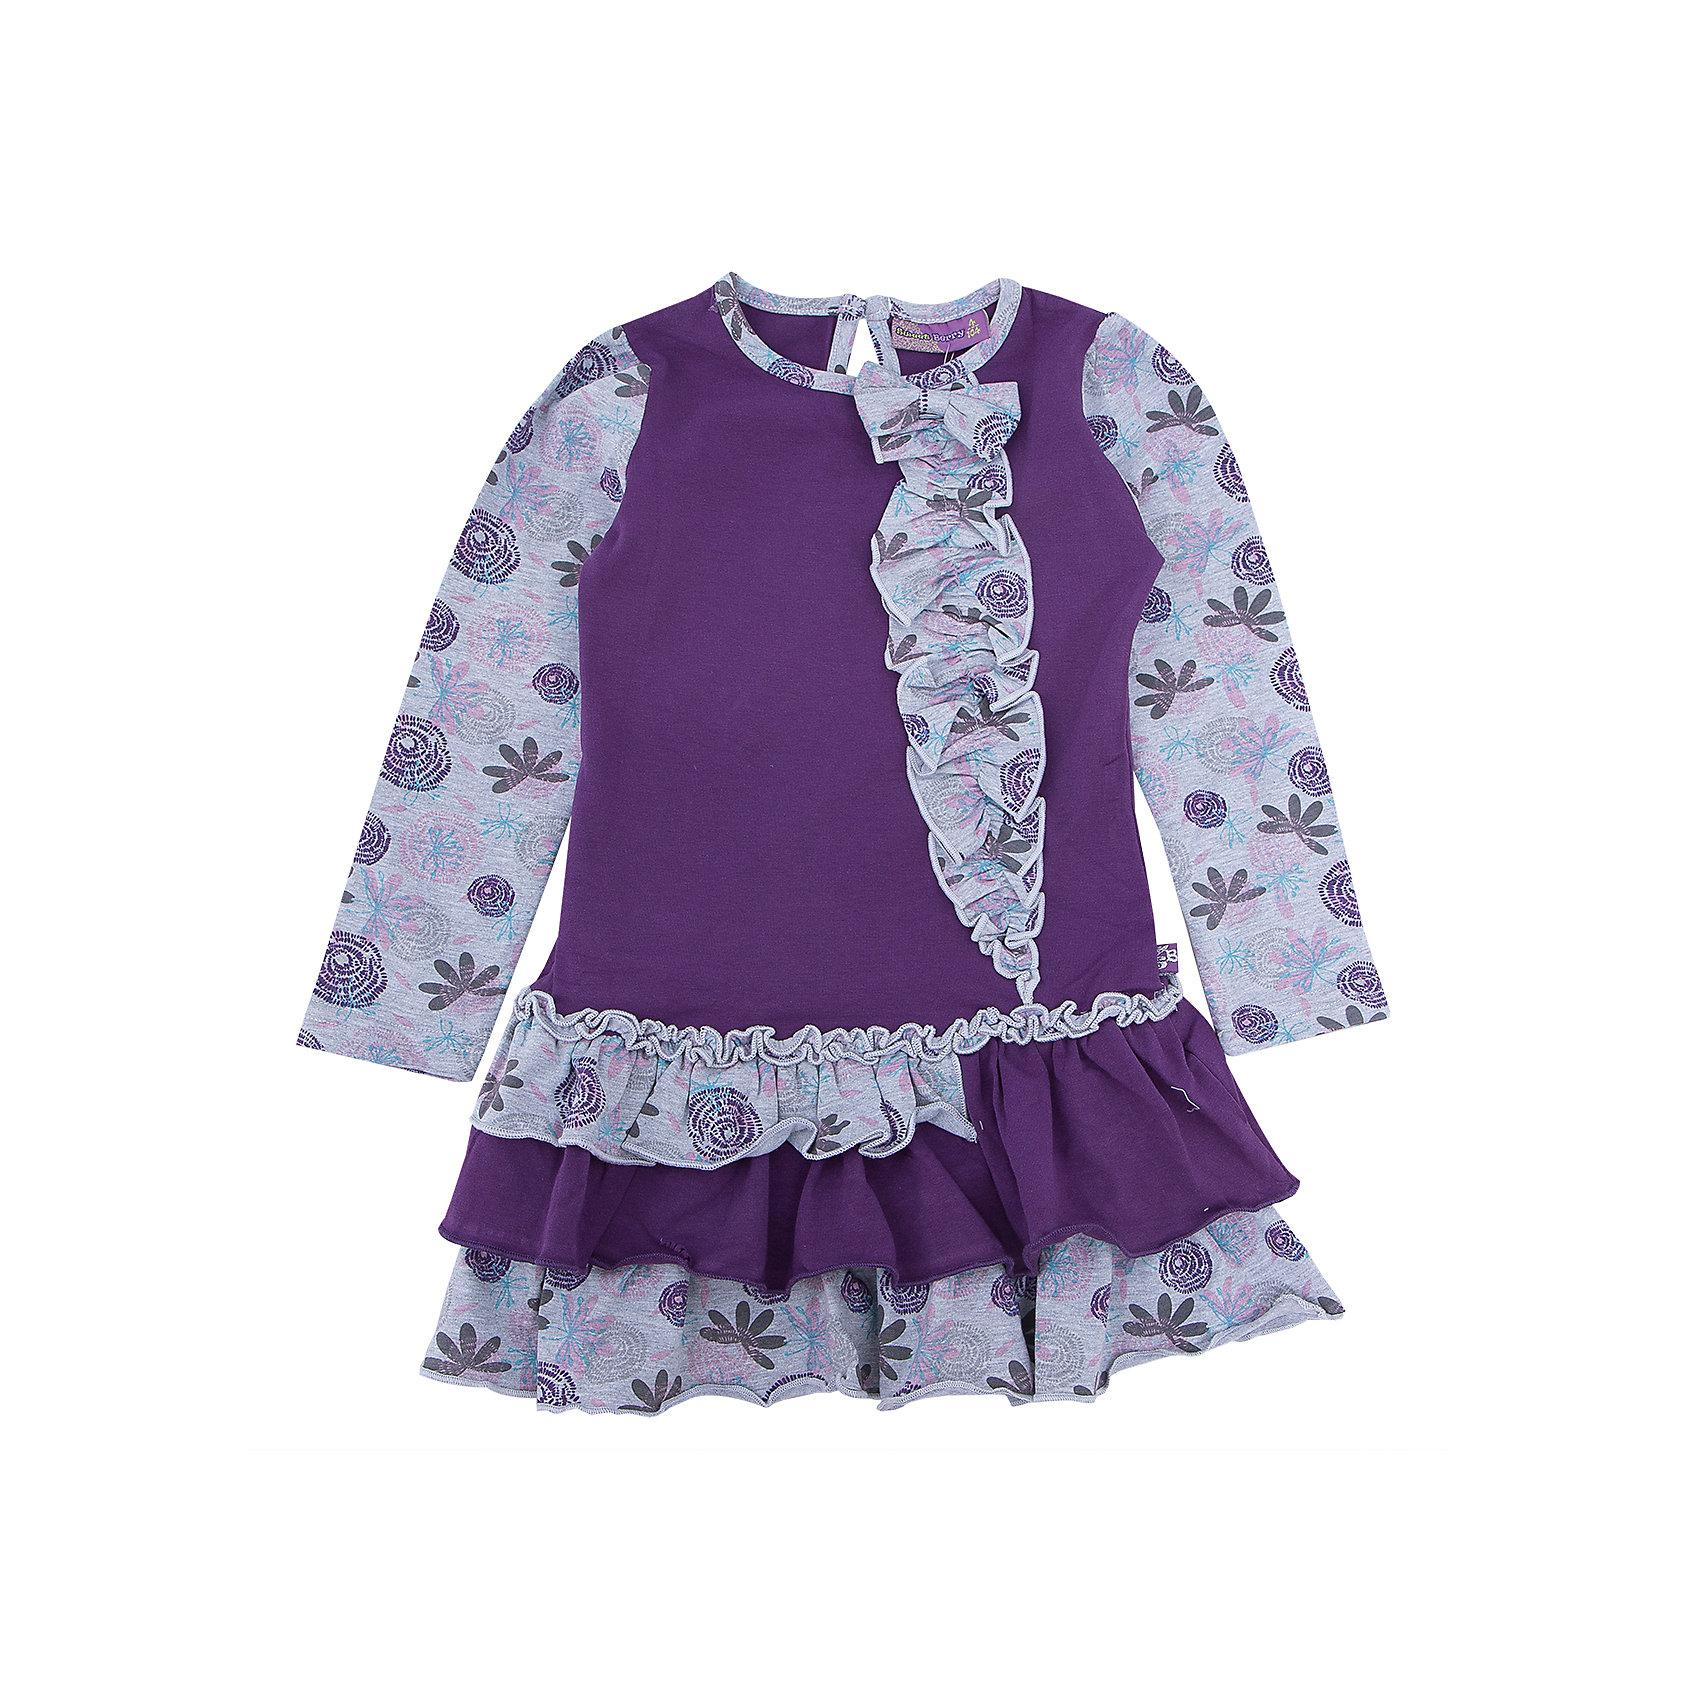 Платье для девочки Sweet BerryПлатье – типичная одежда для романтичного девчачьего образа. Трикотажное платье – универсальный вариант для прогулки, похода в гости и просто наряда для выходного дня. Веселый принт, привлекающий внимание, делает платье заметным, а нежные цвета успокаивают вещь. Оригинальности модели добавляют воланы на юбке и контрастные длинные рукава, которые защитят от холода руки малышки. Материалы, использованные при изготовлении одежды, полностью безопасны для детей и отвечают всем требованиям по качеству продукции данной категории.<br><br>Дополнительная информация: <br><br>модный принт;<br>воланы на юбке;<br>цвет: фиолетовый;<br>материал: хлопок 95%, эластан 5%.<br><br>Платье для девочки от компании Sweet Berry можно приобрести в нашем магазине.<br><br>Ширина мм: 236<br>Глубина мм: 16<br>Высота мм: 184<br>Вес г: 177<br>Цвет: фиолетовый<br>Возраст от месяцев: 24<br>Возраст до месяцев: 36<br>Пол: Женский<br>Возраст: Детский<br>Размер: 98,116,110,104,122,128<br>SKU: 4931778